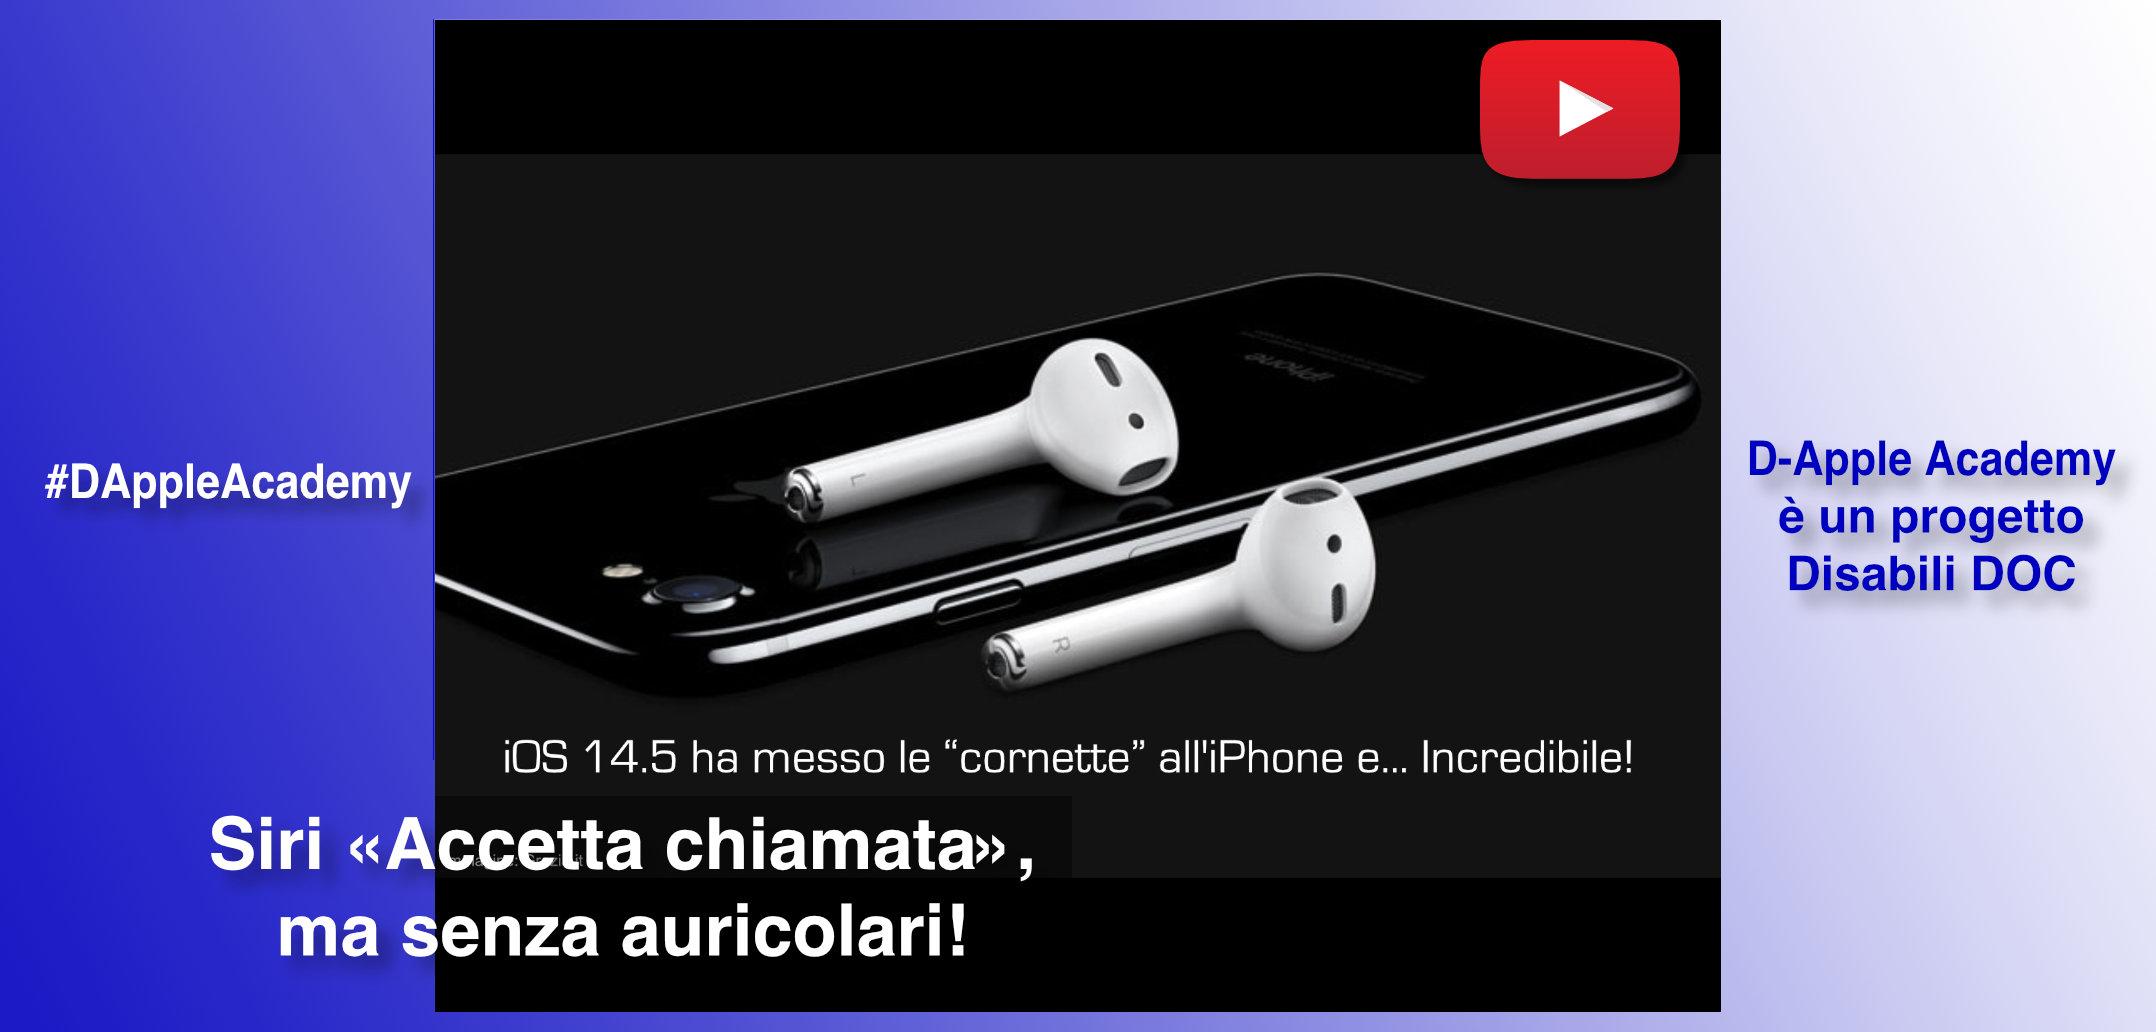 #DAppleAcademy / Parte 4ª / VIDEO / «Ehi Siri, da quando mi accetterai la chiamata senza auricolari?» I Disabili aspettano...